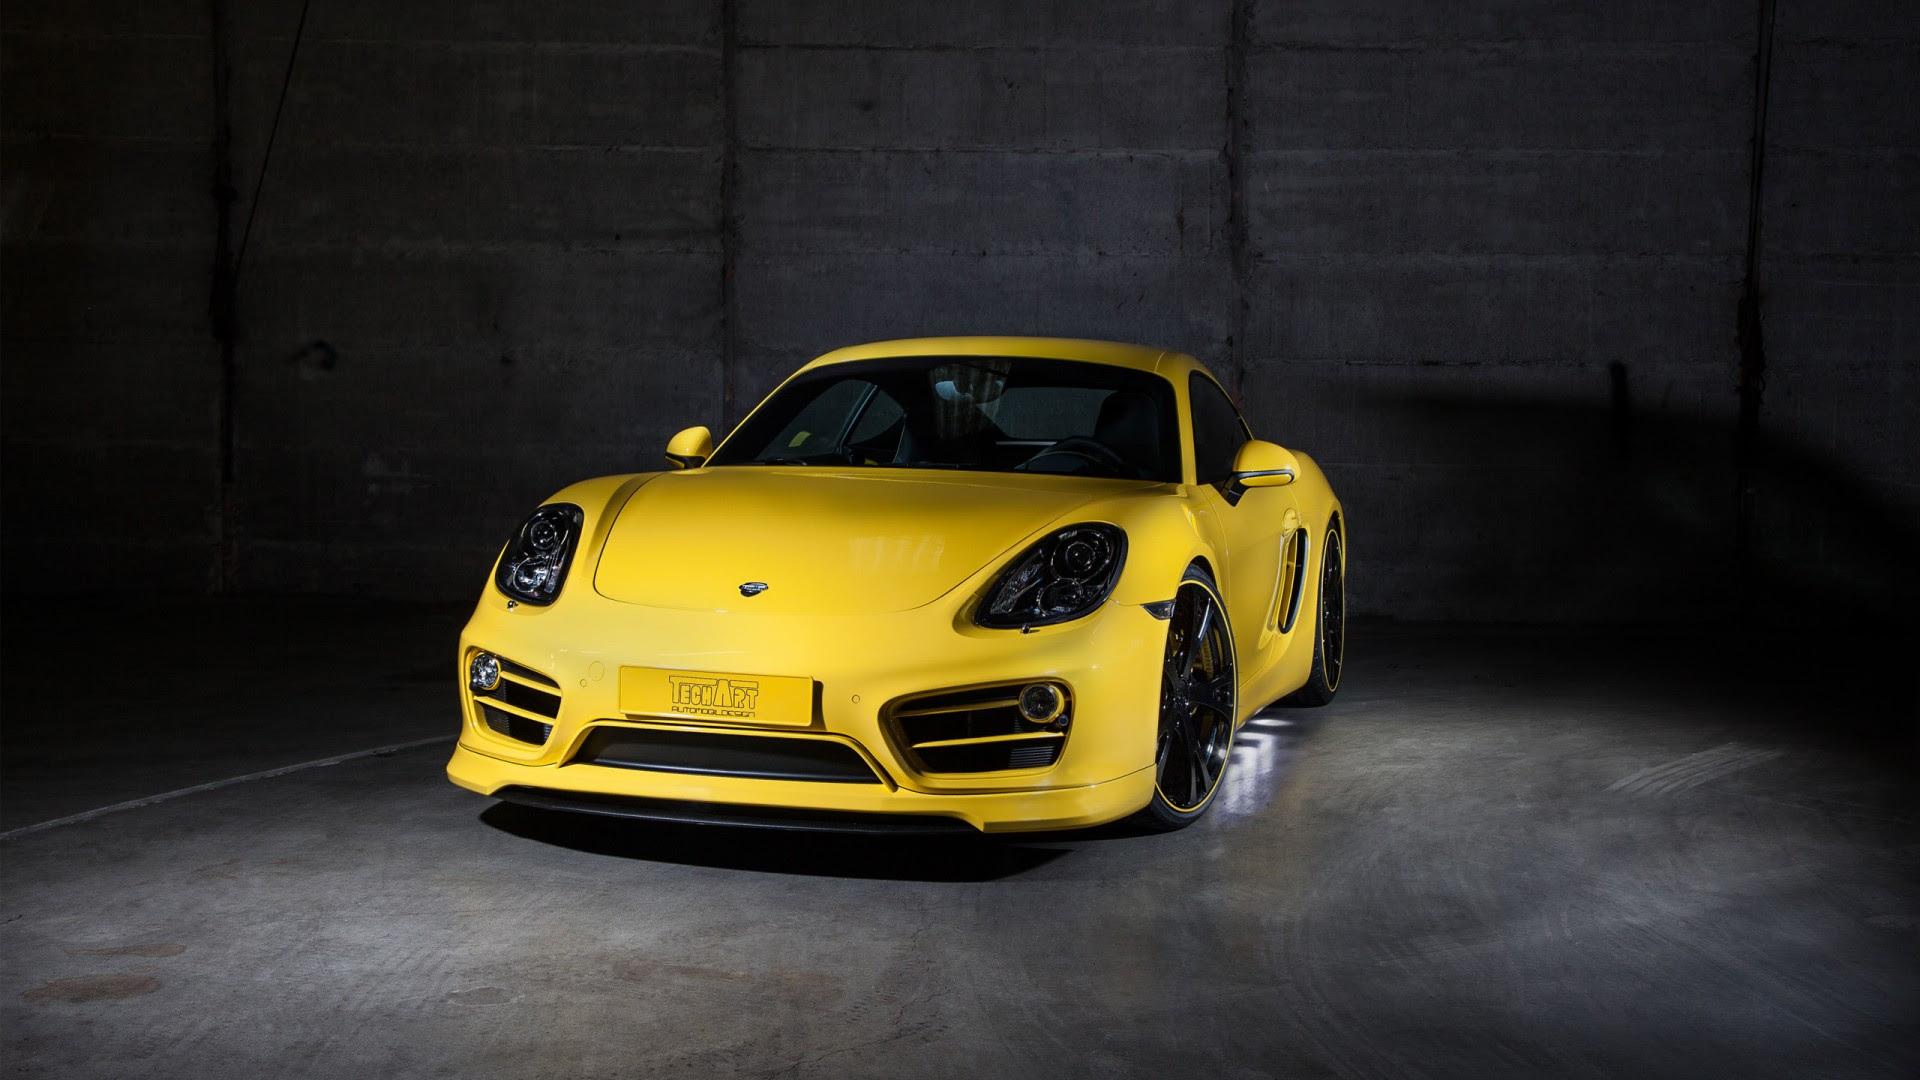 2016 TechArt Porsche Cayman Wallpaper   HD Car Wallpapers ...